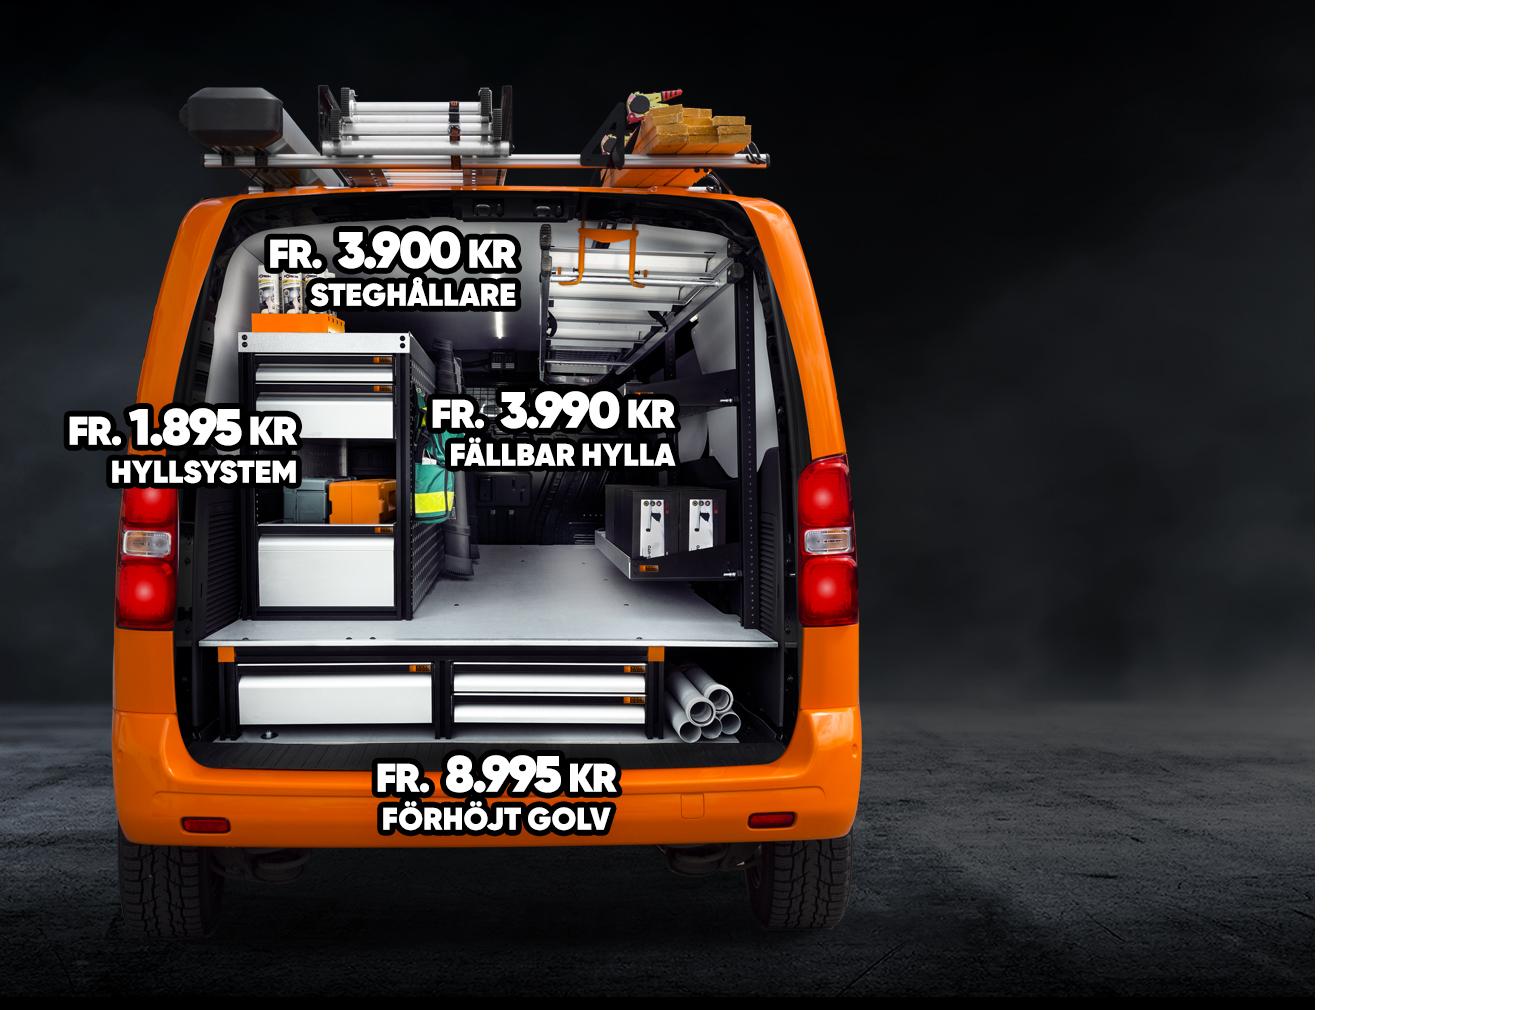 Work System erbjuder svensktillverkad bilinredning och bilutrustning till marknadens bästa pris